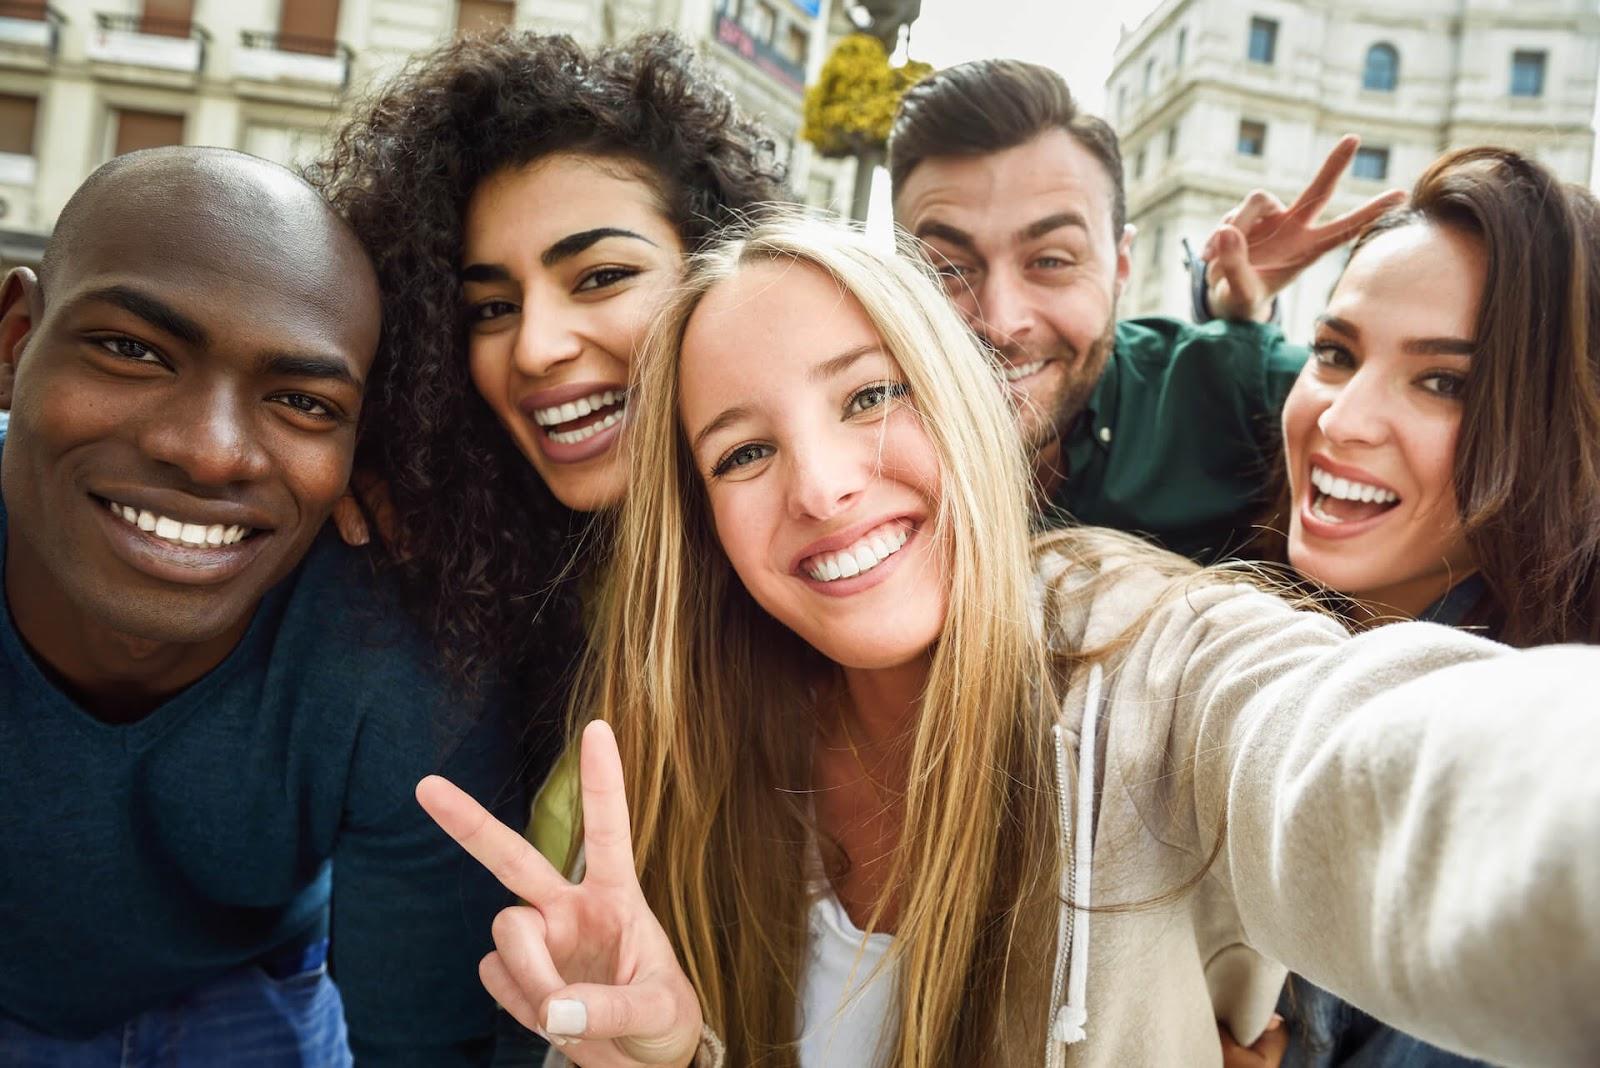 Friends taking selfie in town